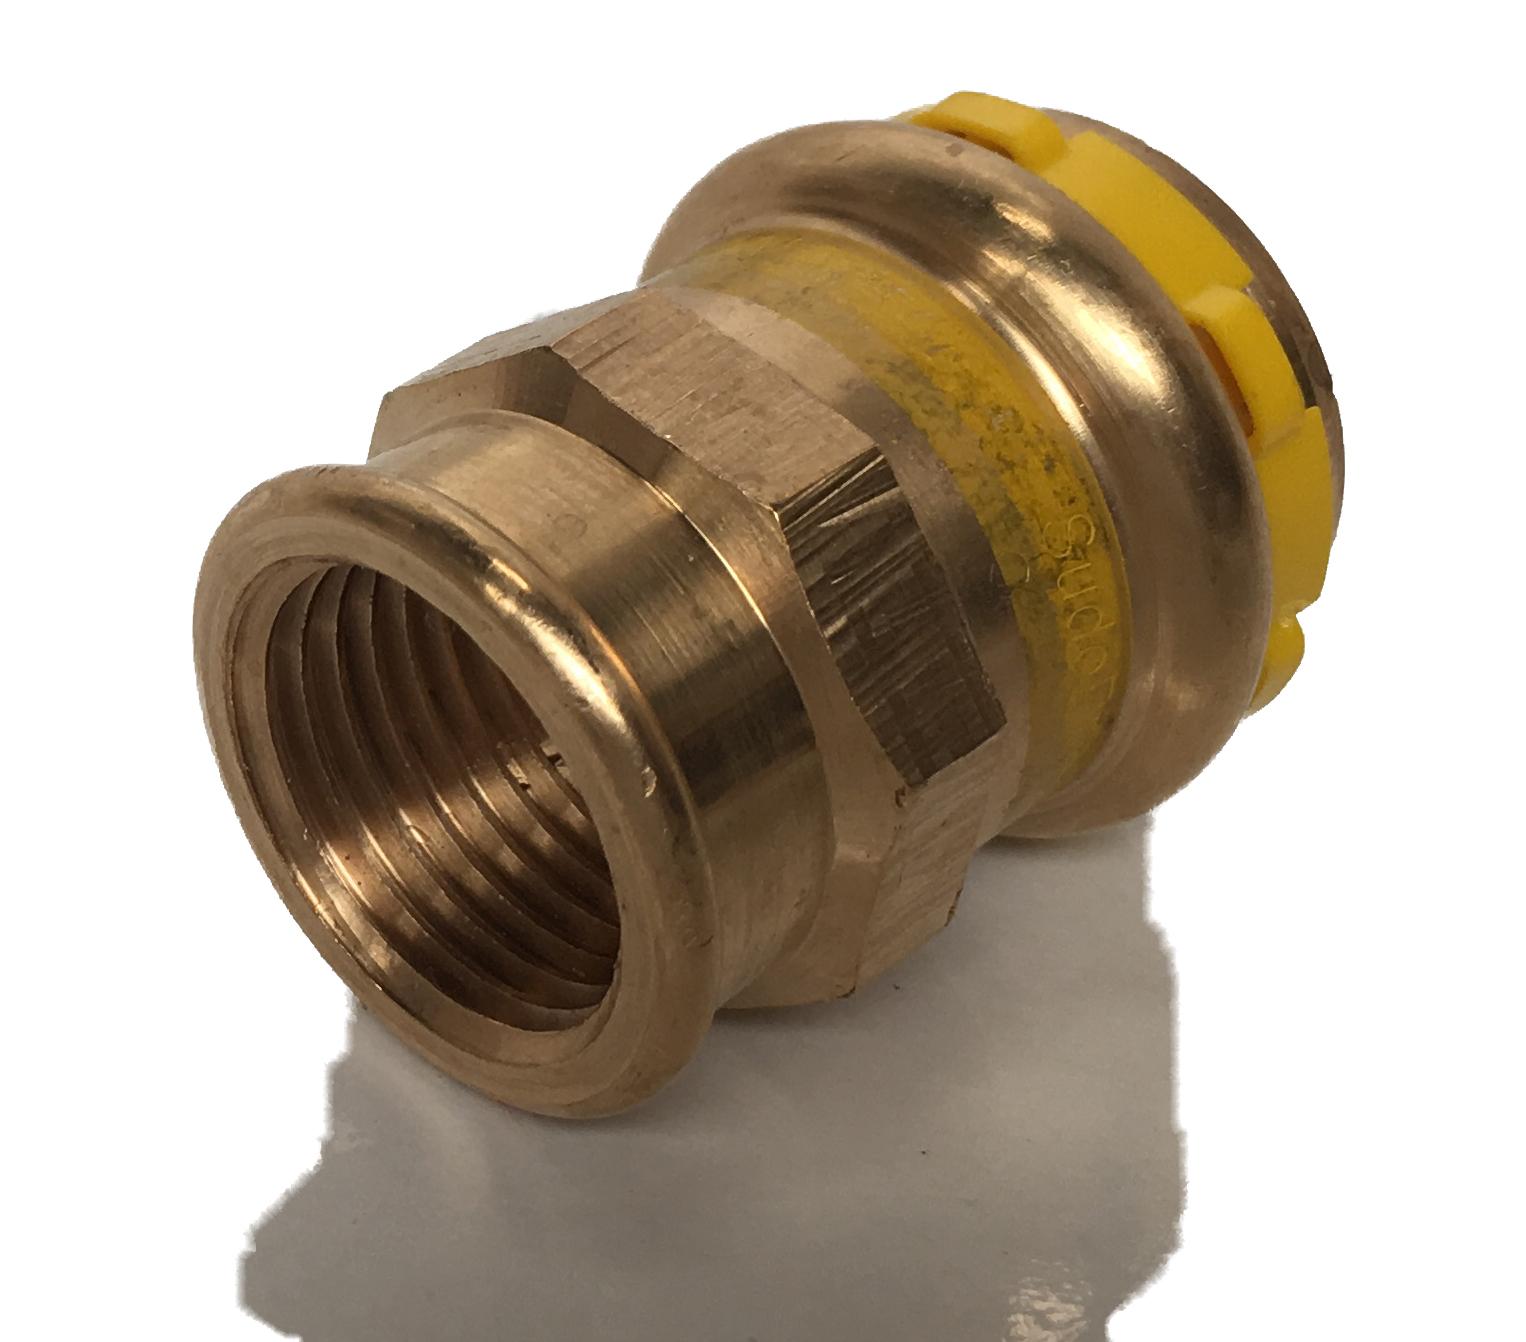 Straight fitting Copper Sudopress Press GAS 18x1/2F V-profile